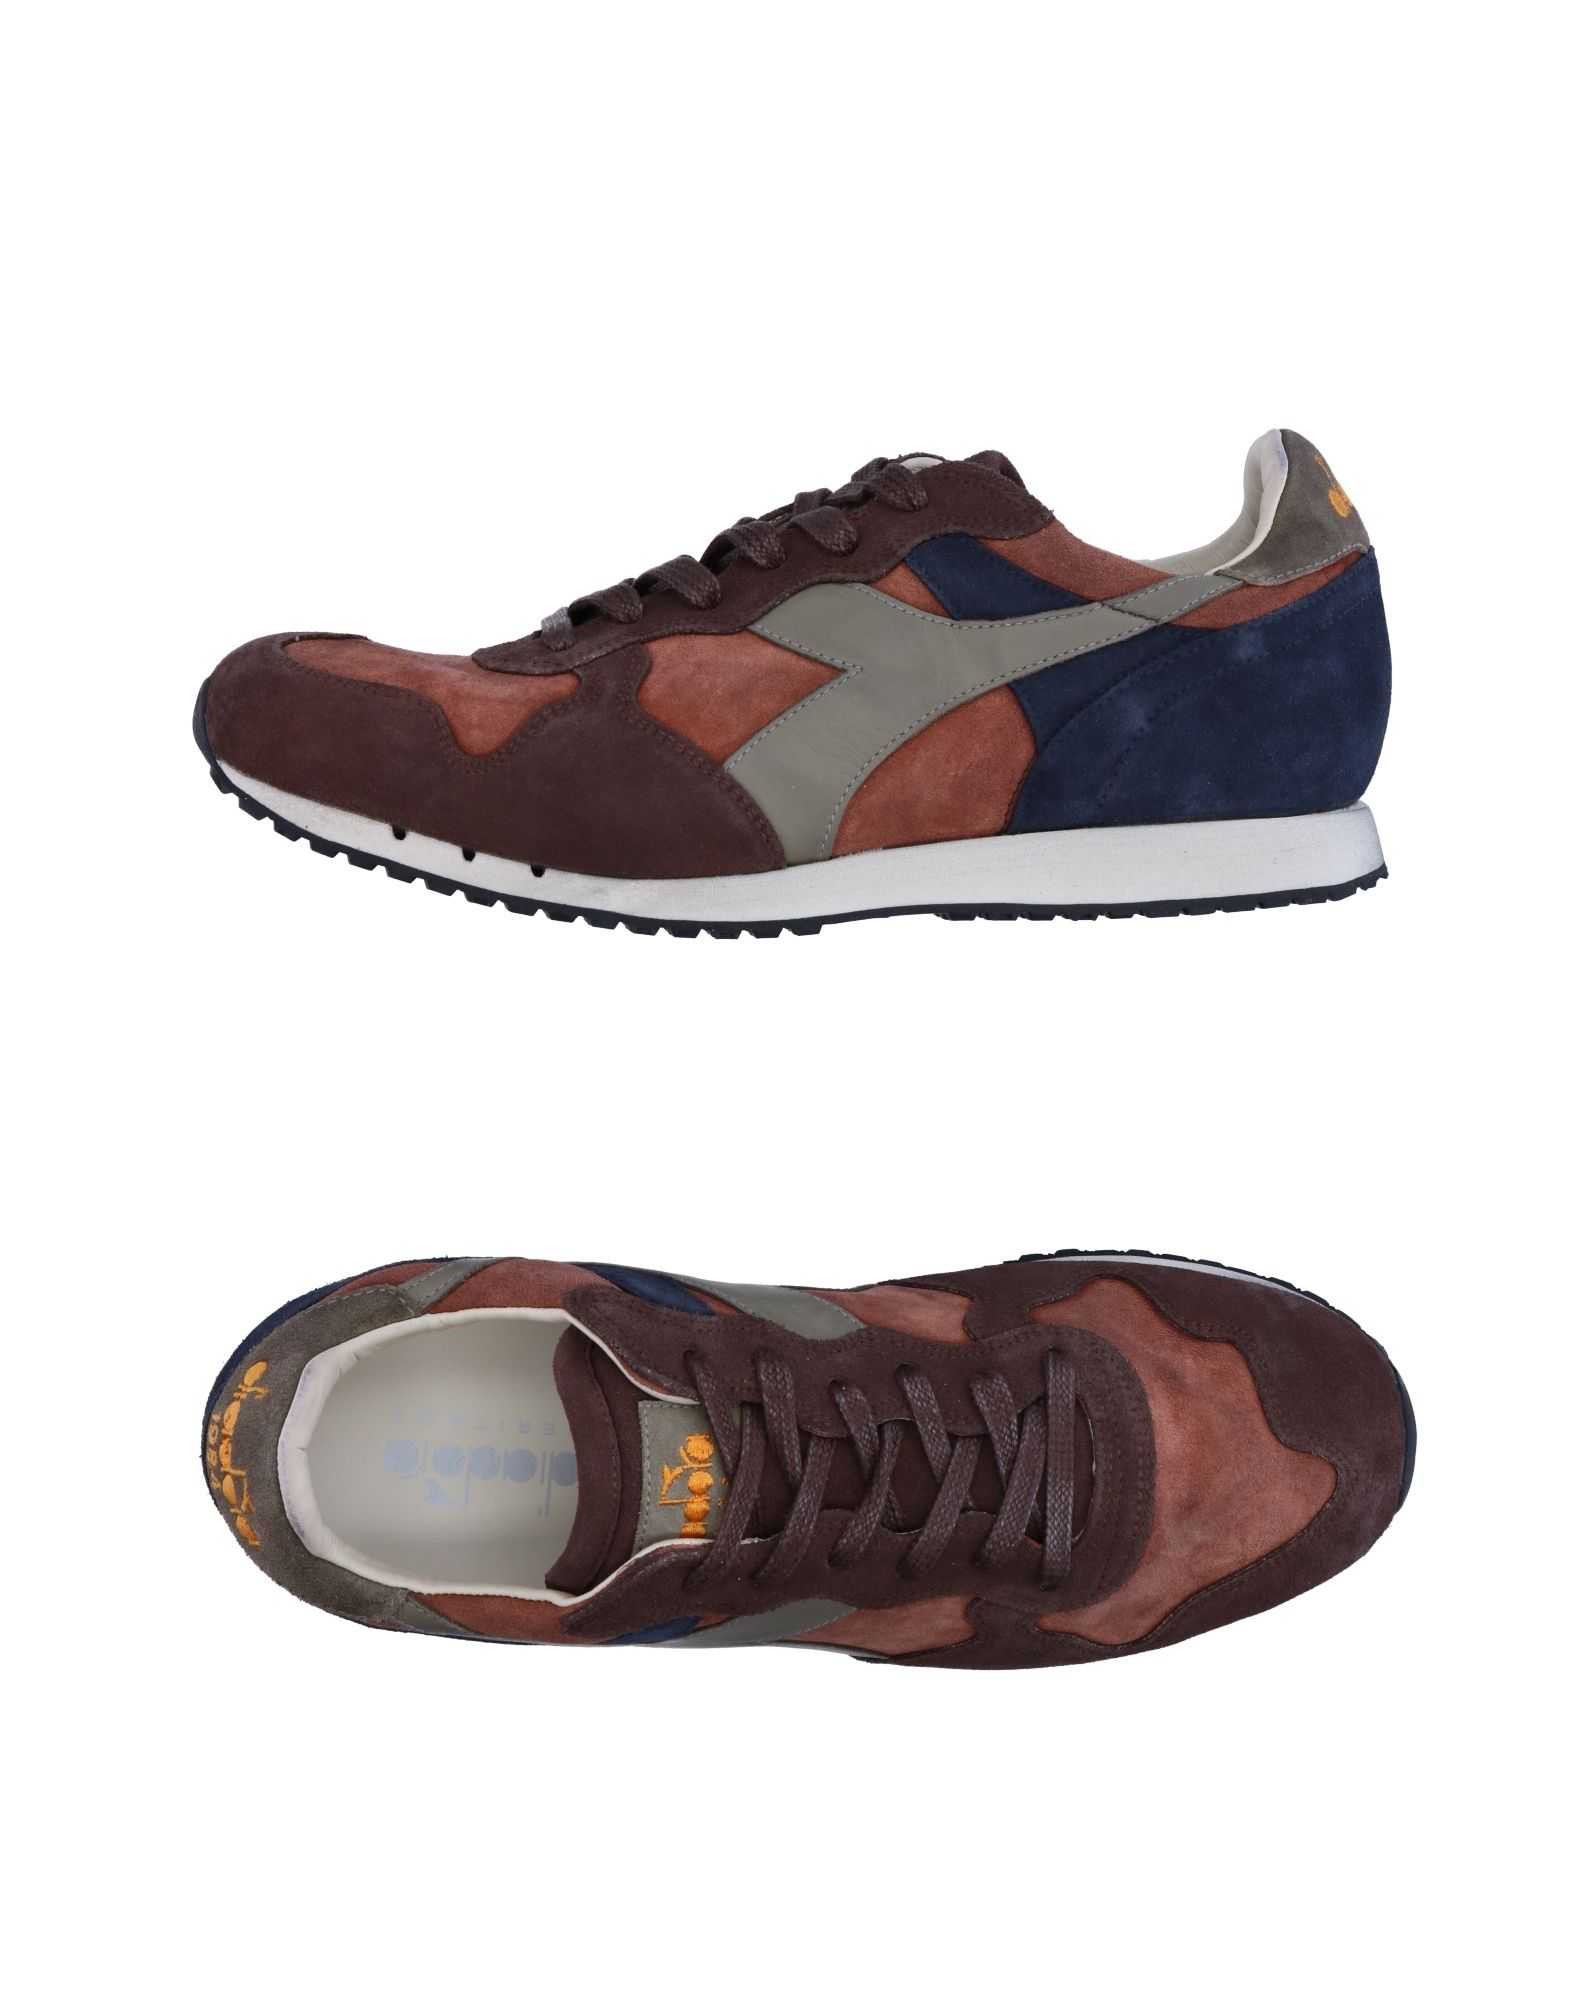 Diadora Heritage Herren Sneakers Herren Heritage  11261962PR 2237d0